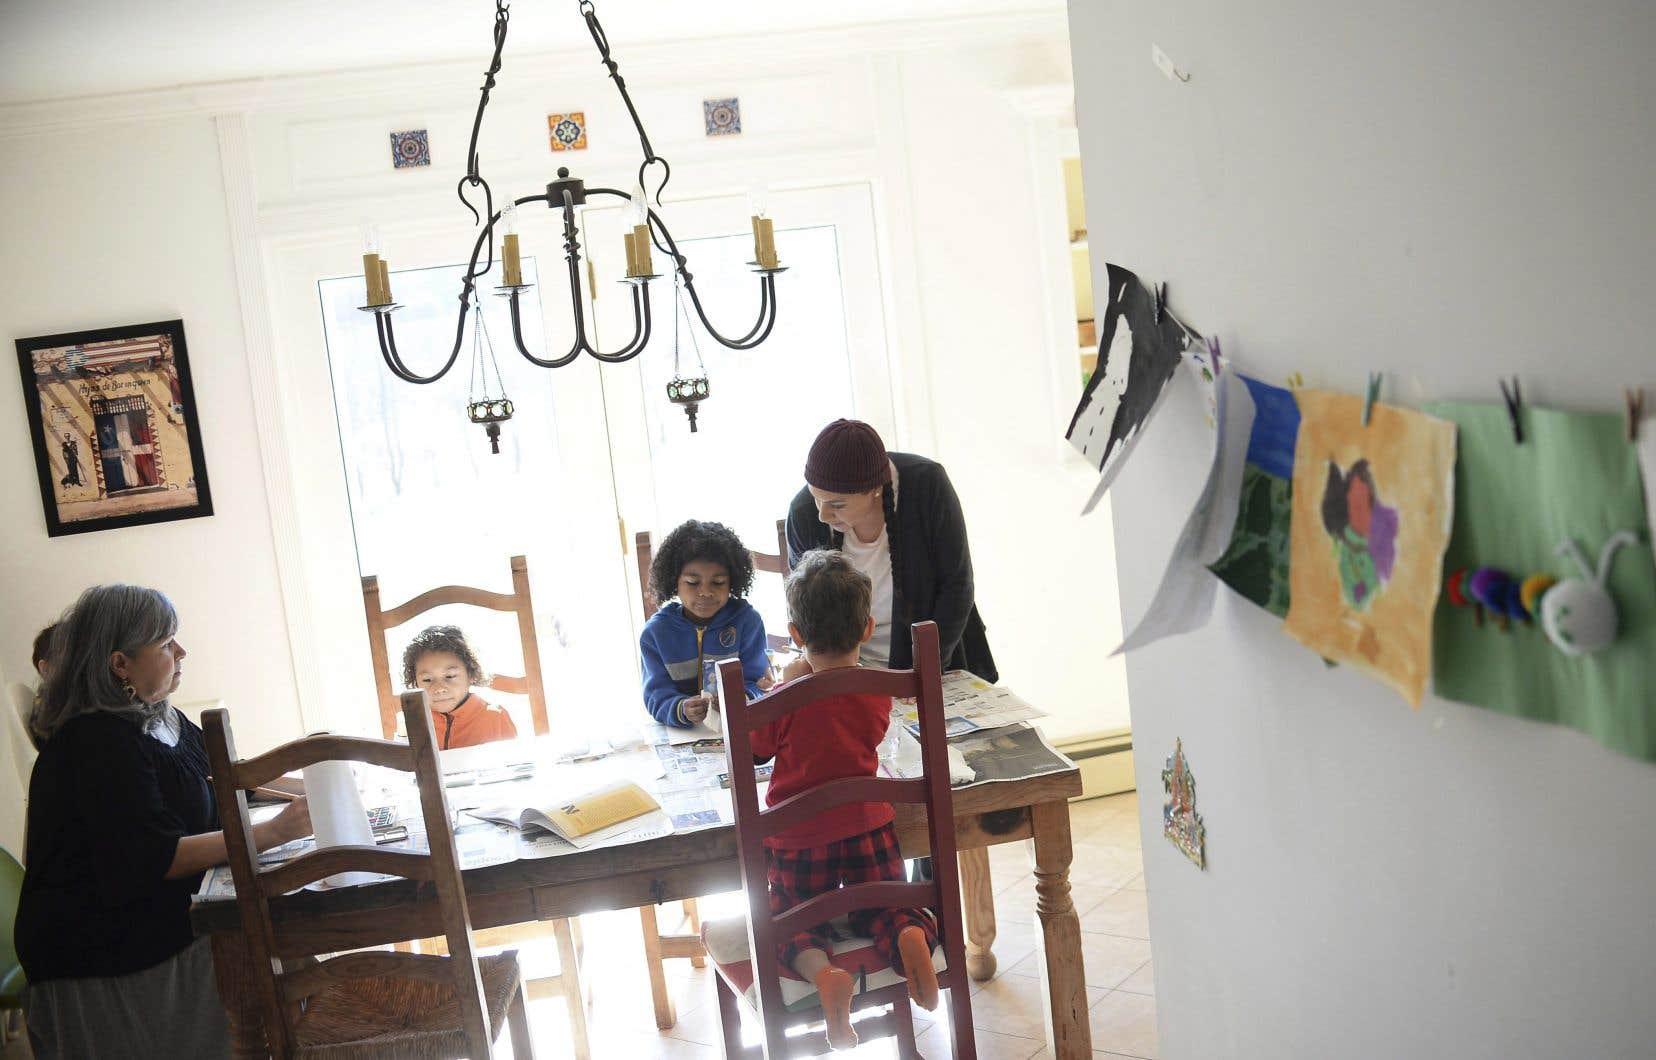 Du vécu de certains, l'instruction à domicile ne demande pas autant d'heures que l'éducation en groupe. Après  quelques années d'expérience, un parent-professeur peut couvrir la matière du jour en l'espace d'une ou deux heures.